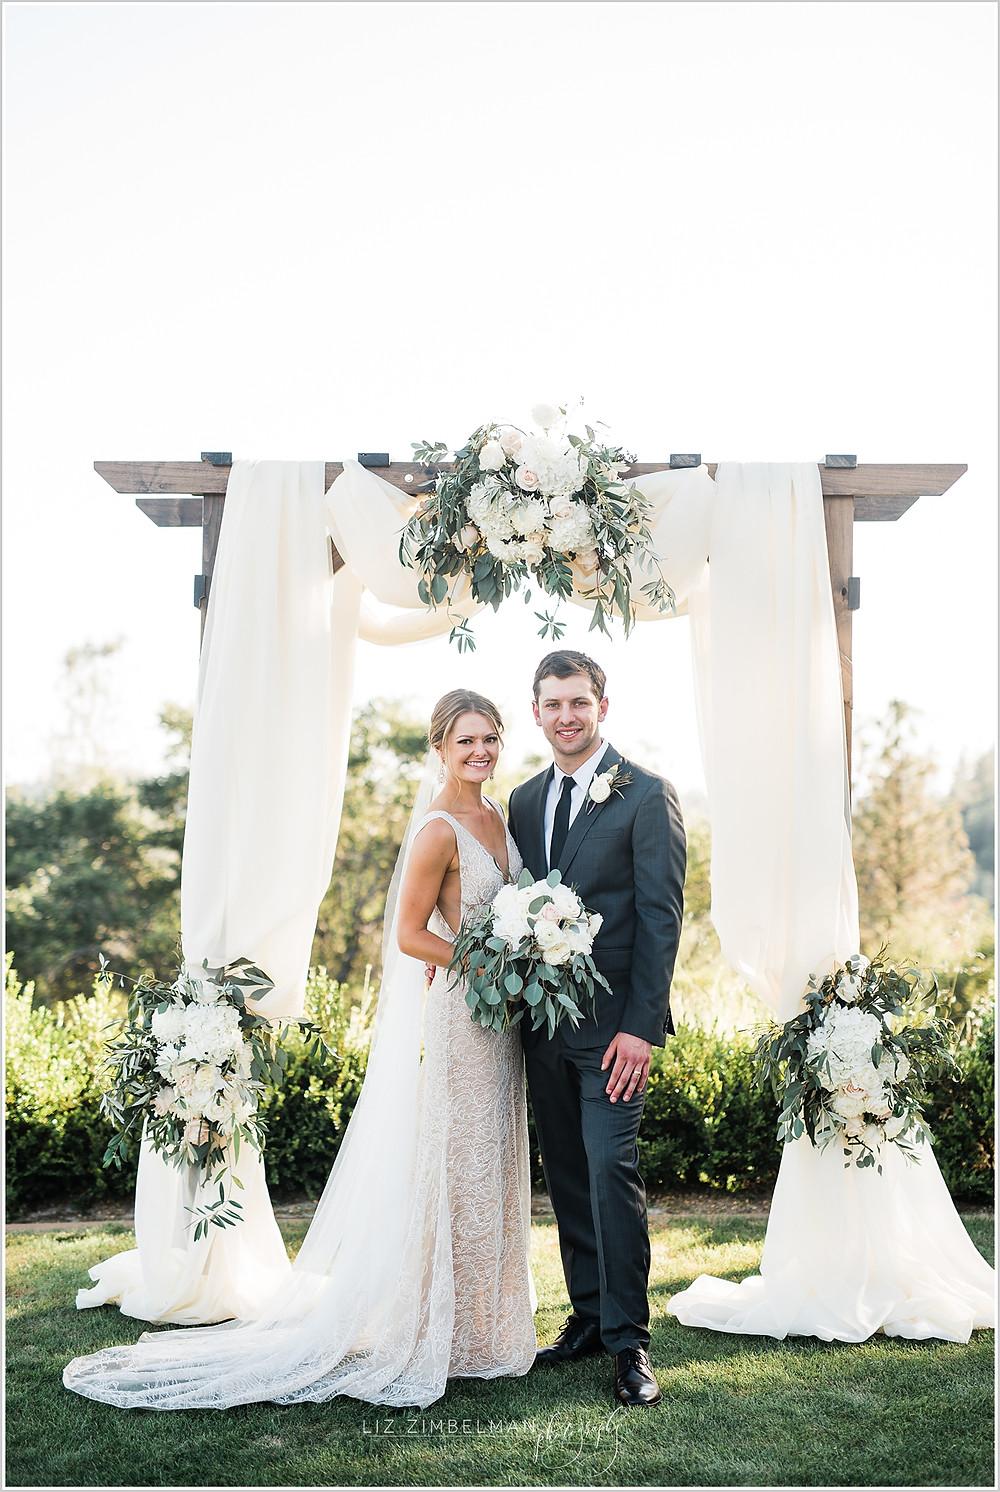 Bride and groom posing beneath wedding arch